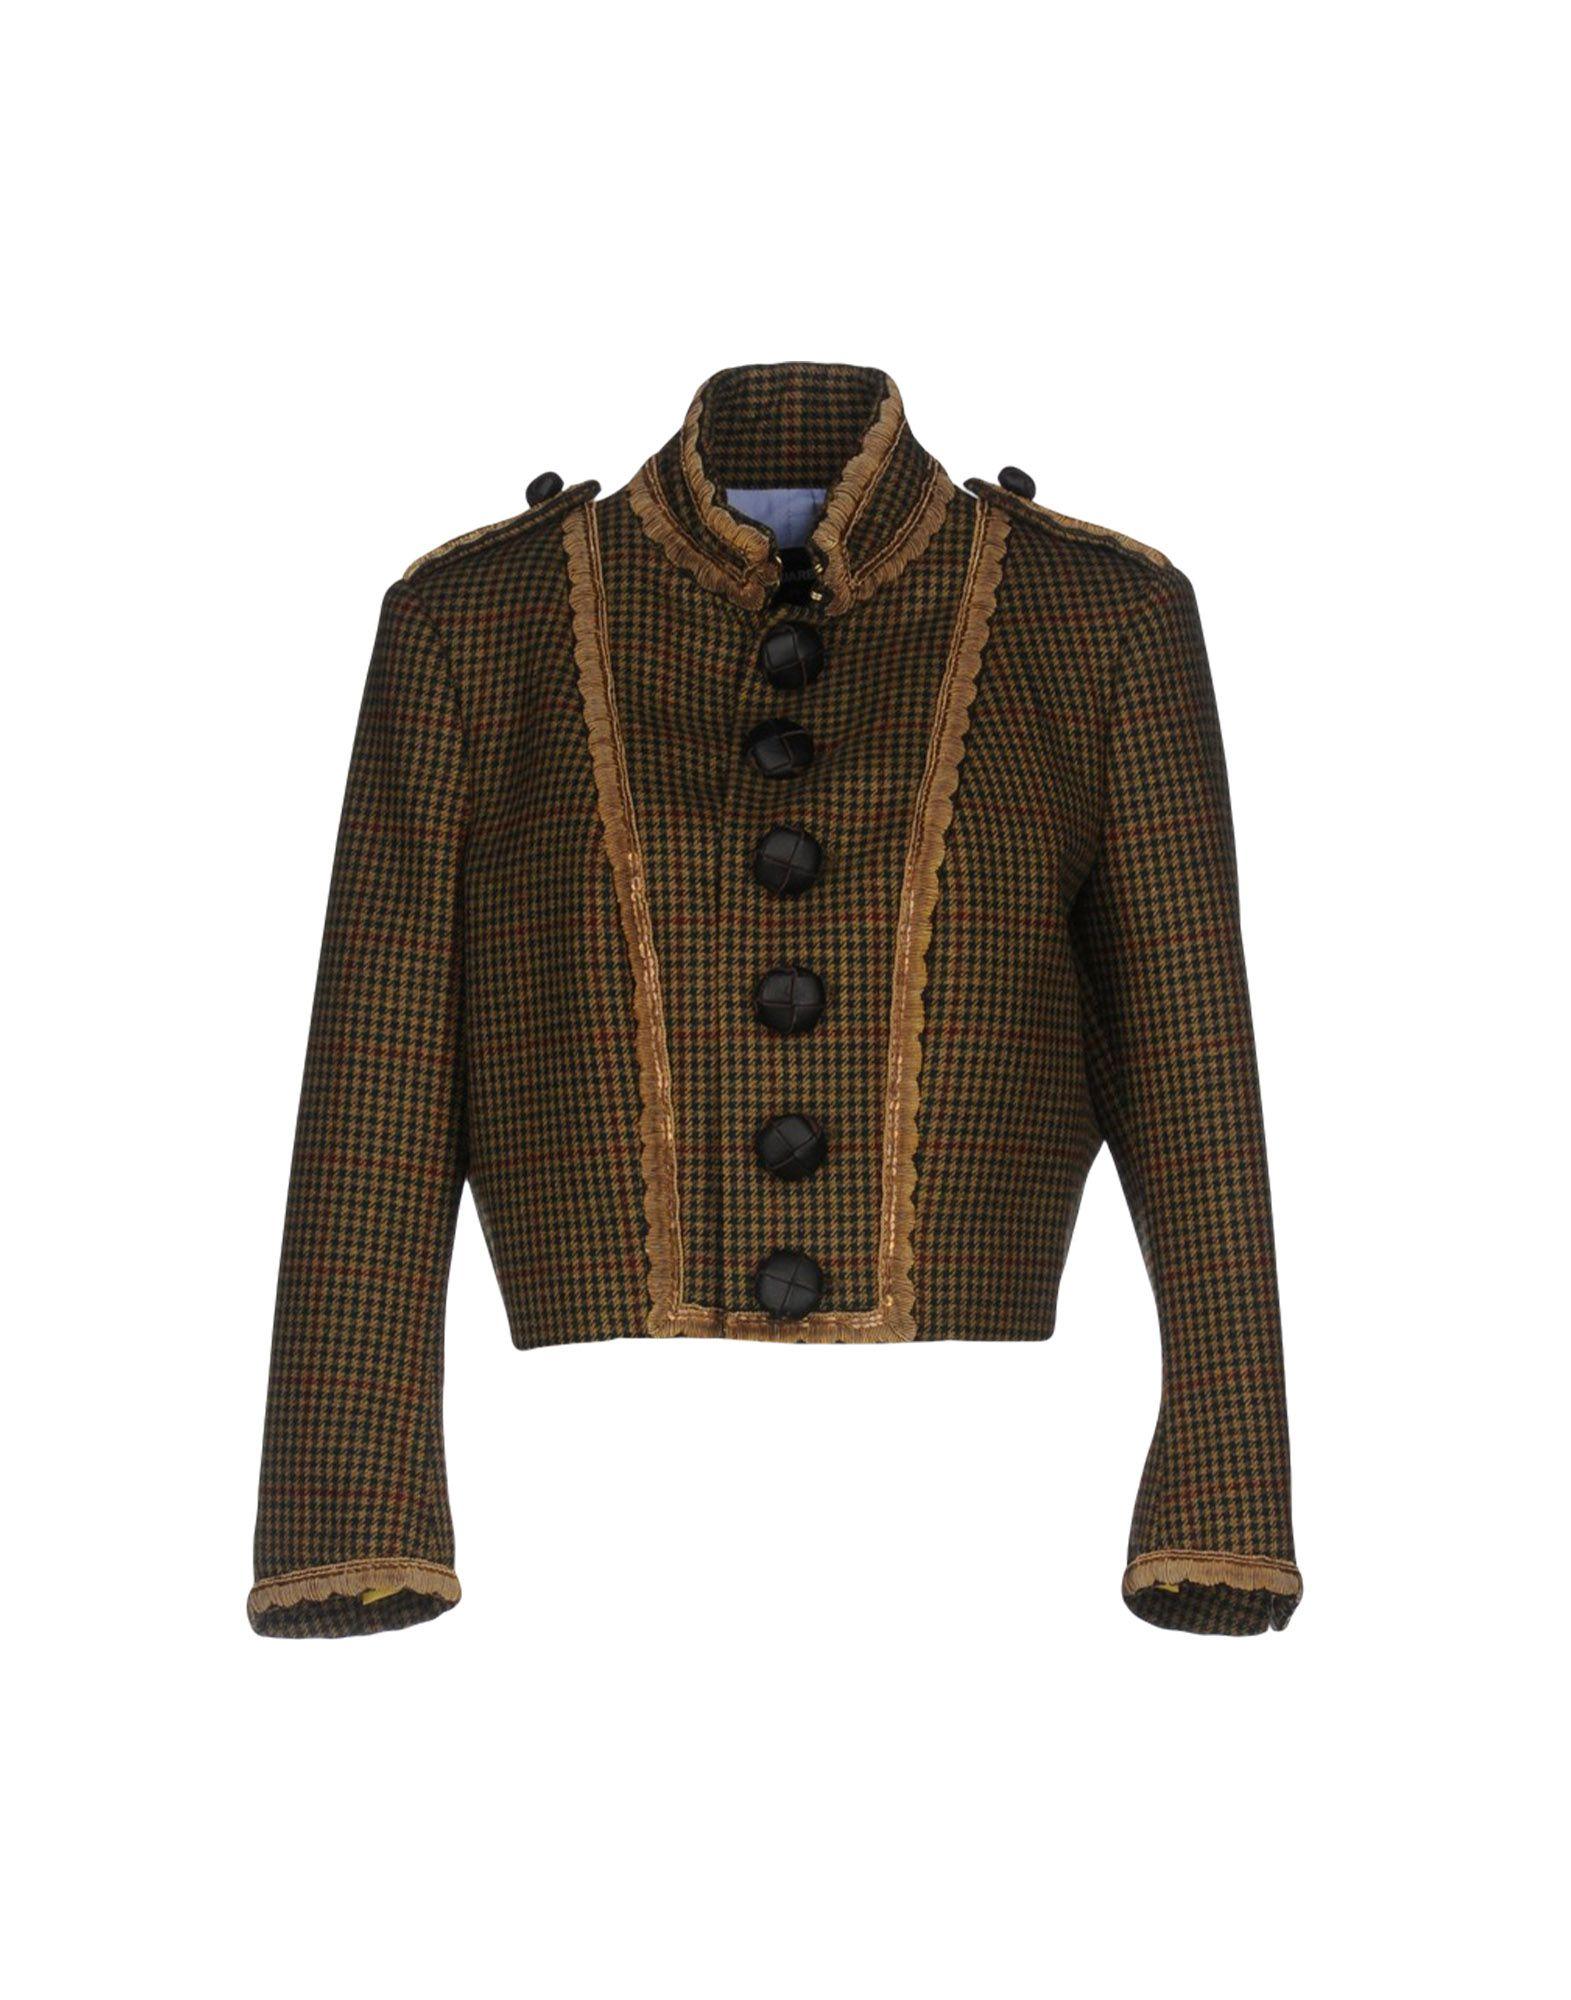 DSQUARED2 Damen Jackett Farbe Militärgrün Größe 6 jetztbilligerkaufen